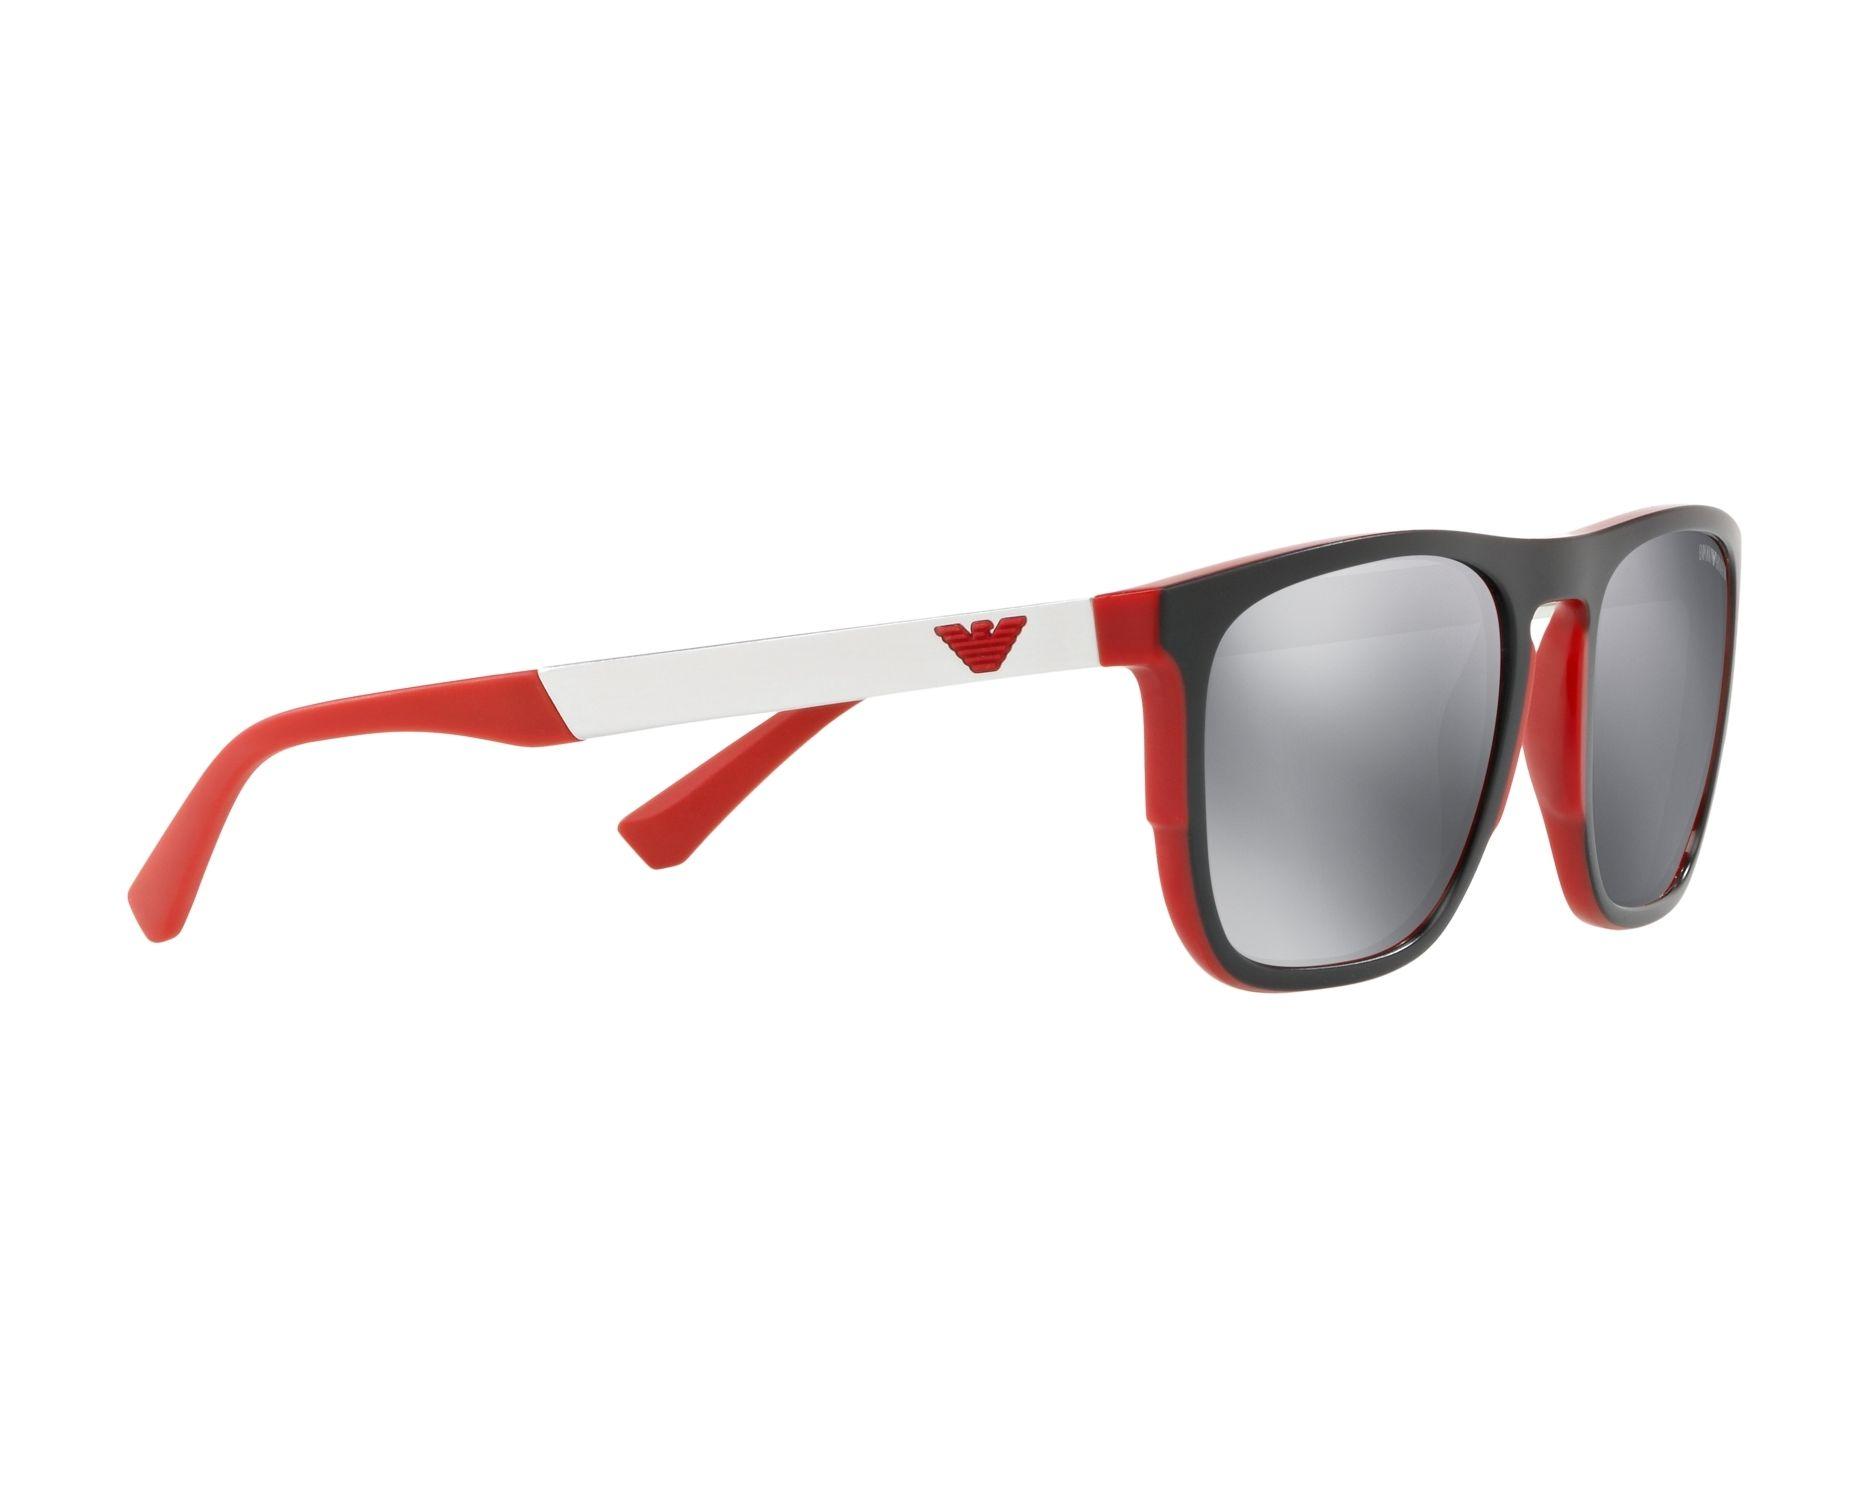 96cca732f7 Sunglasses Emporio Armani EA-4114 56726G 55-20 Black Red 360 degree view 11